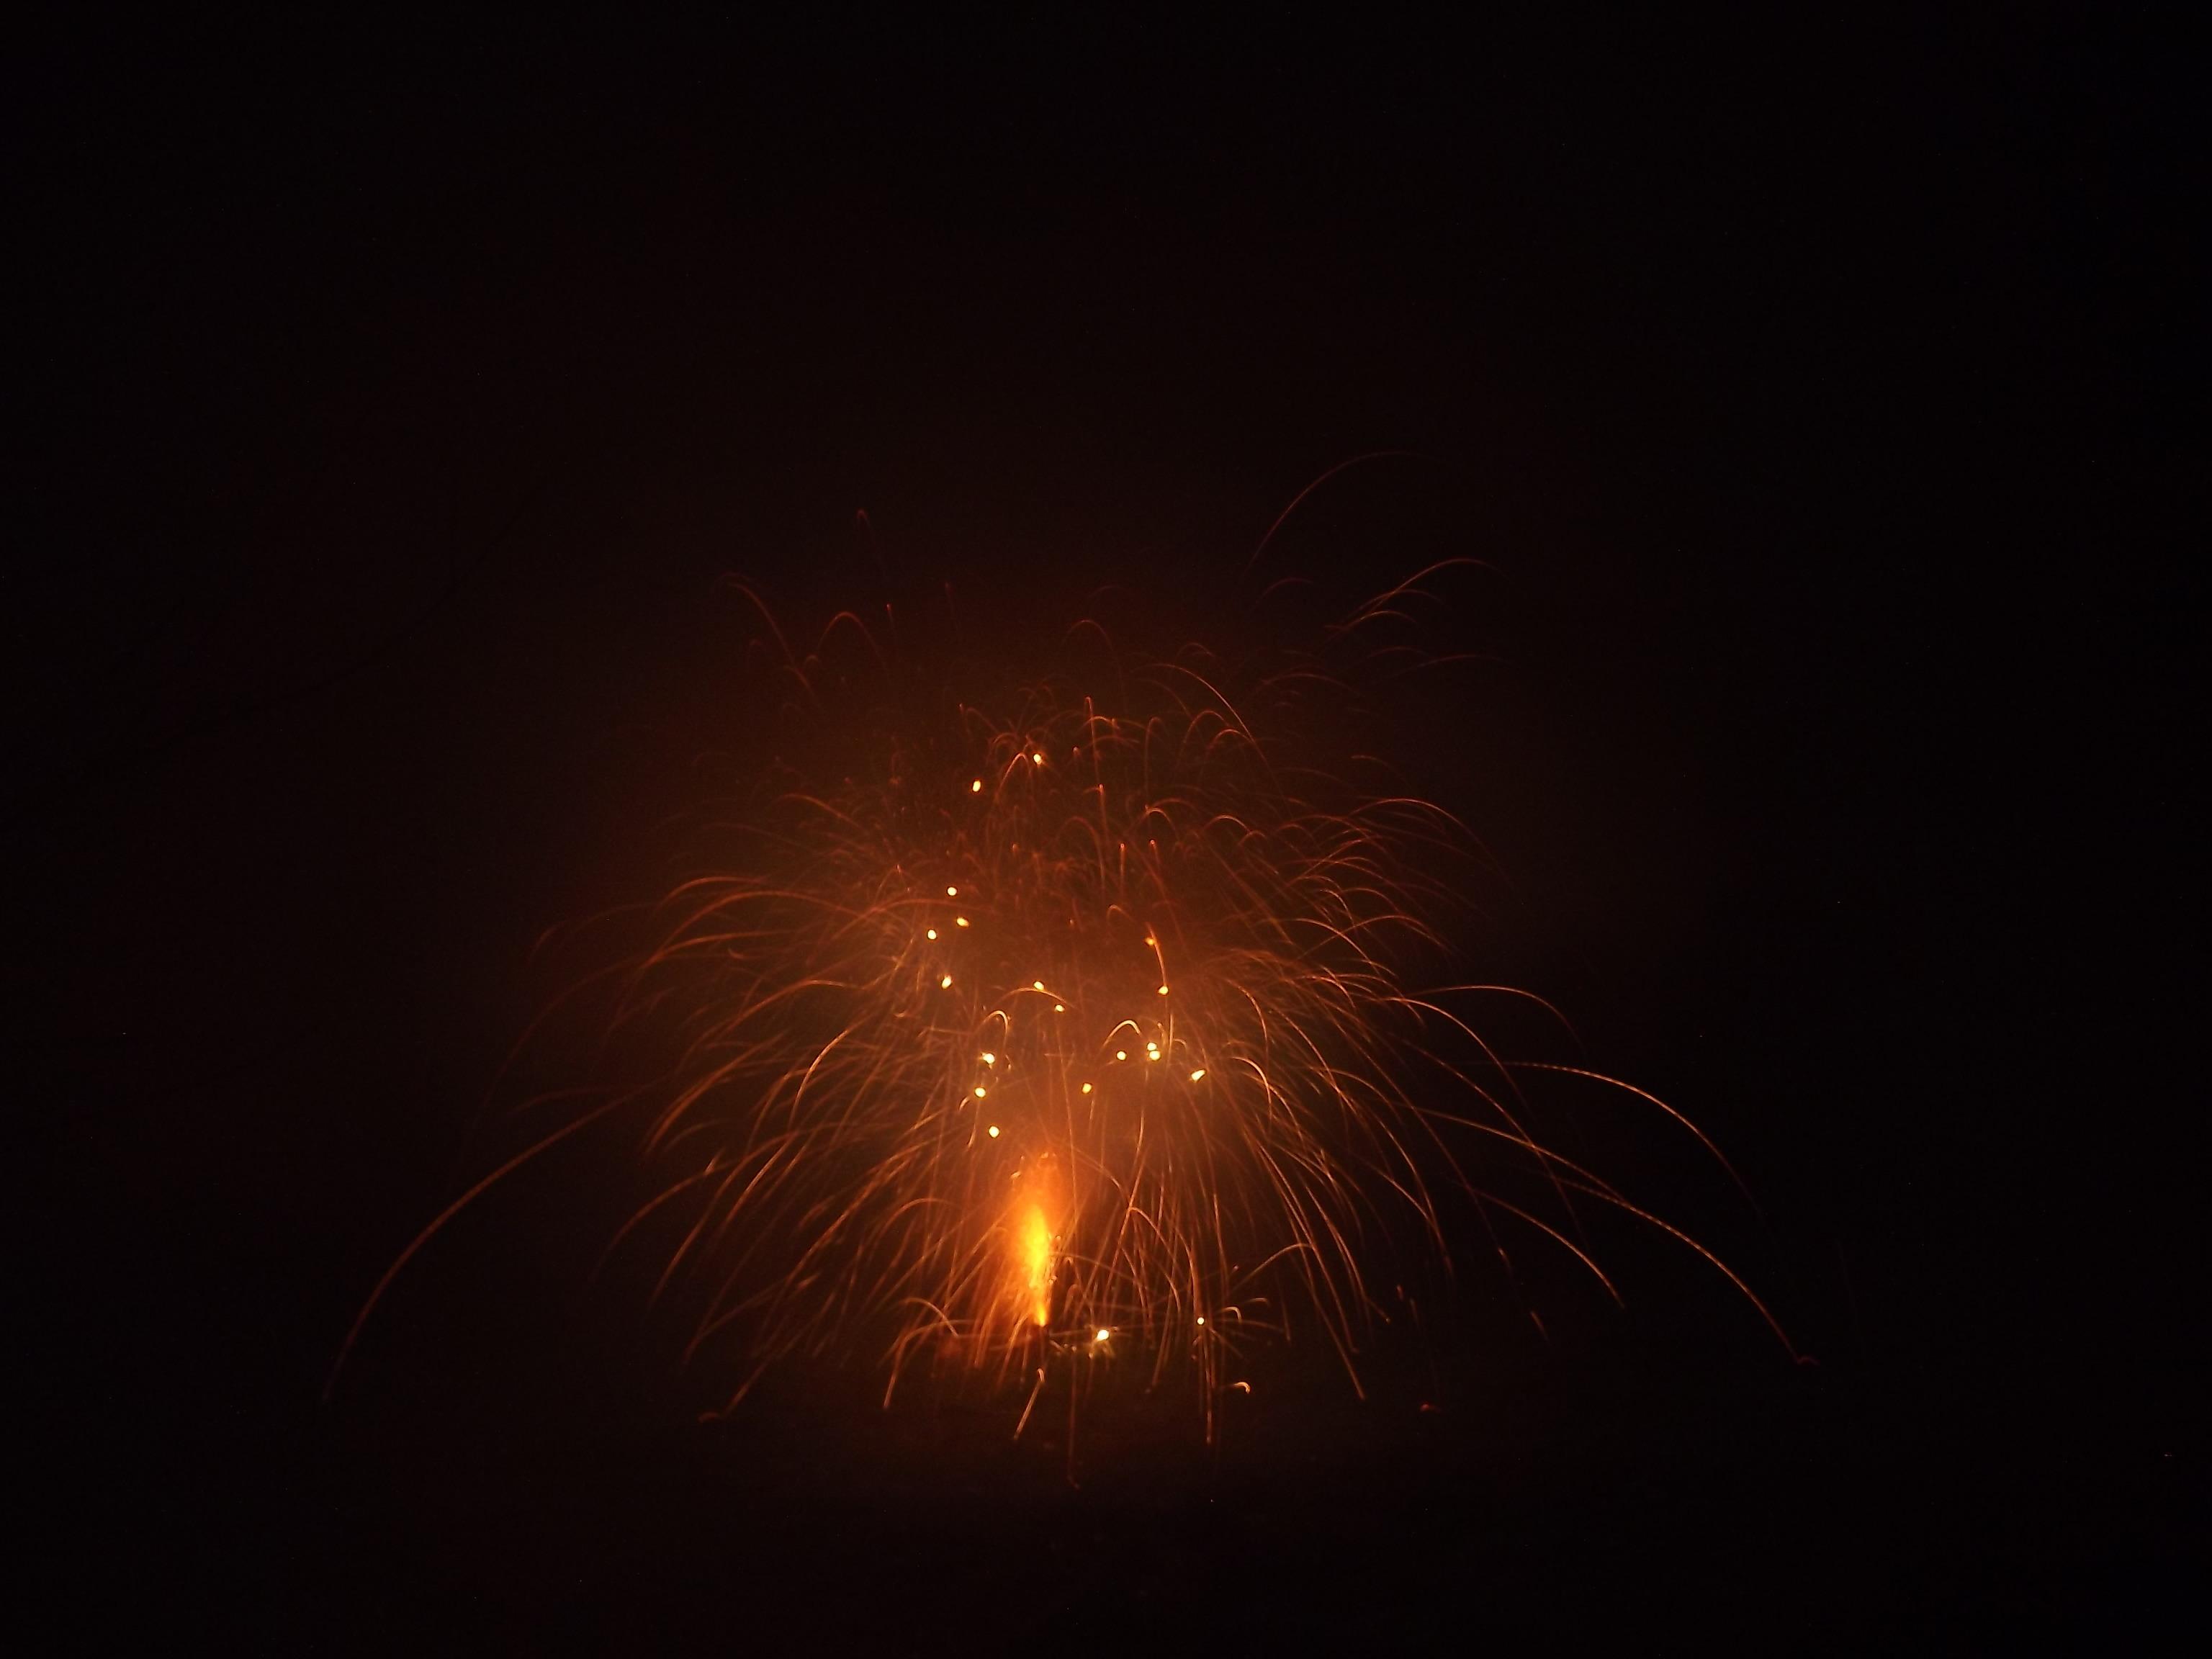 6749-feuerwerk-silvester-neujahr-glut-feuer